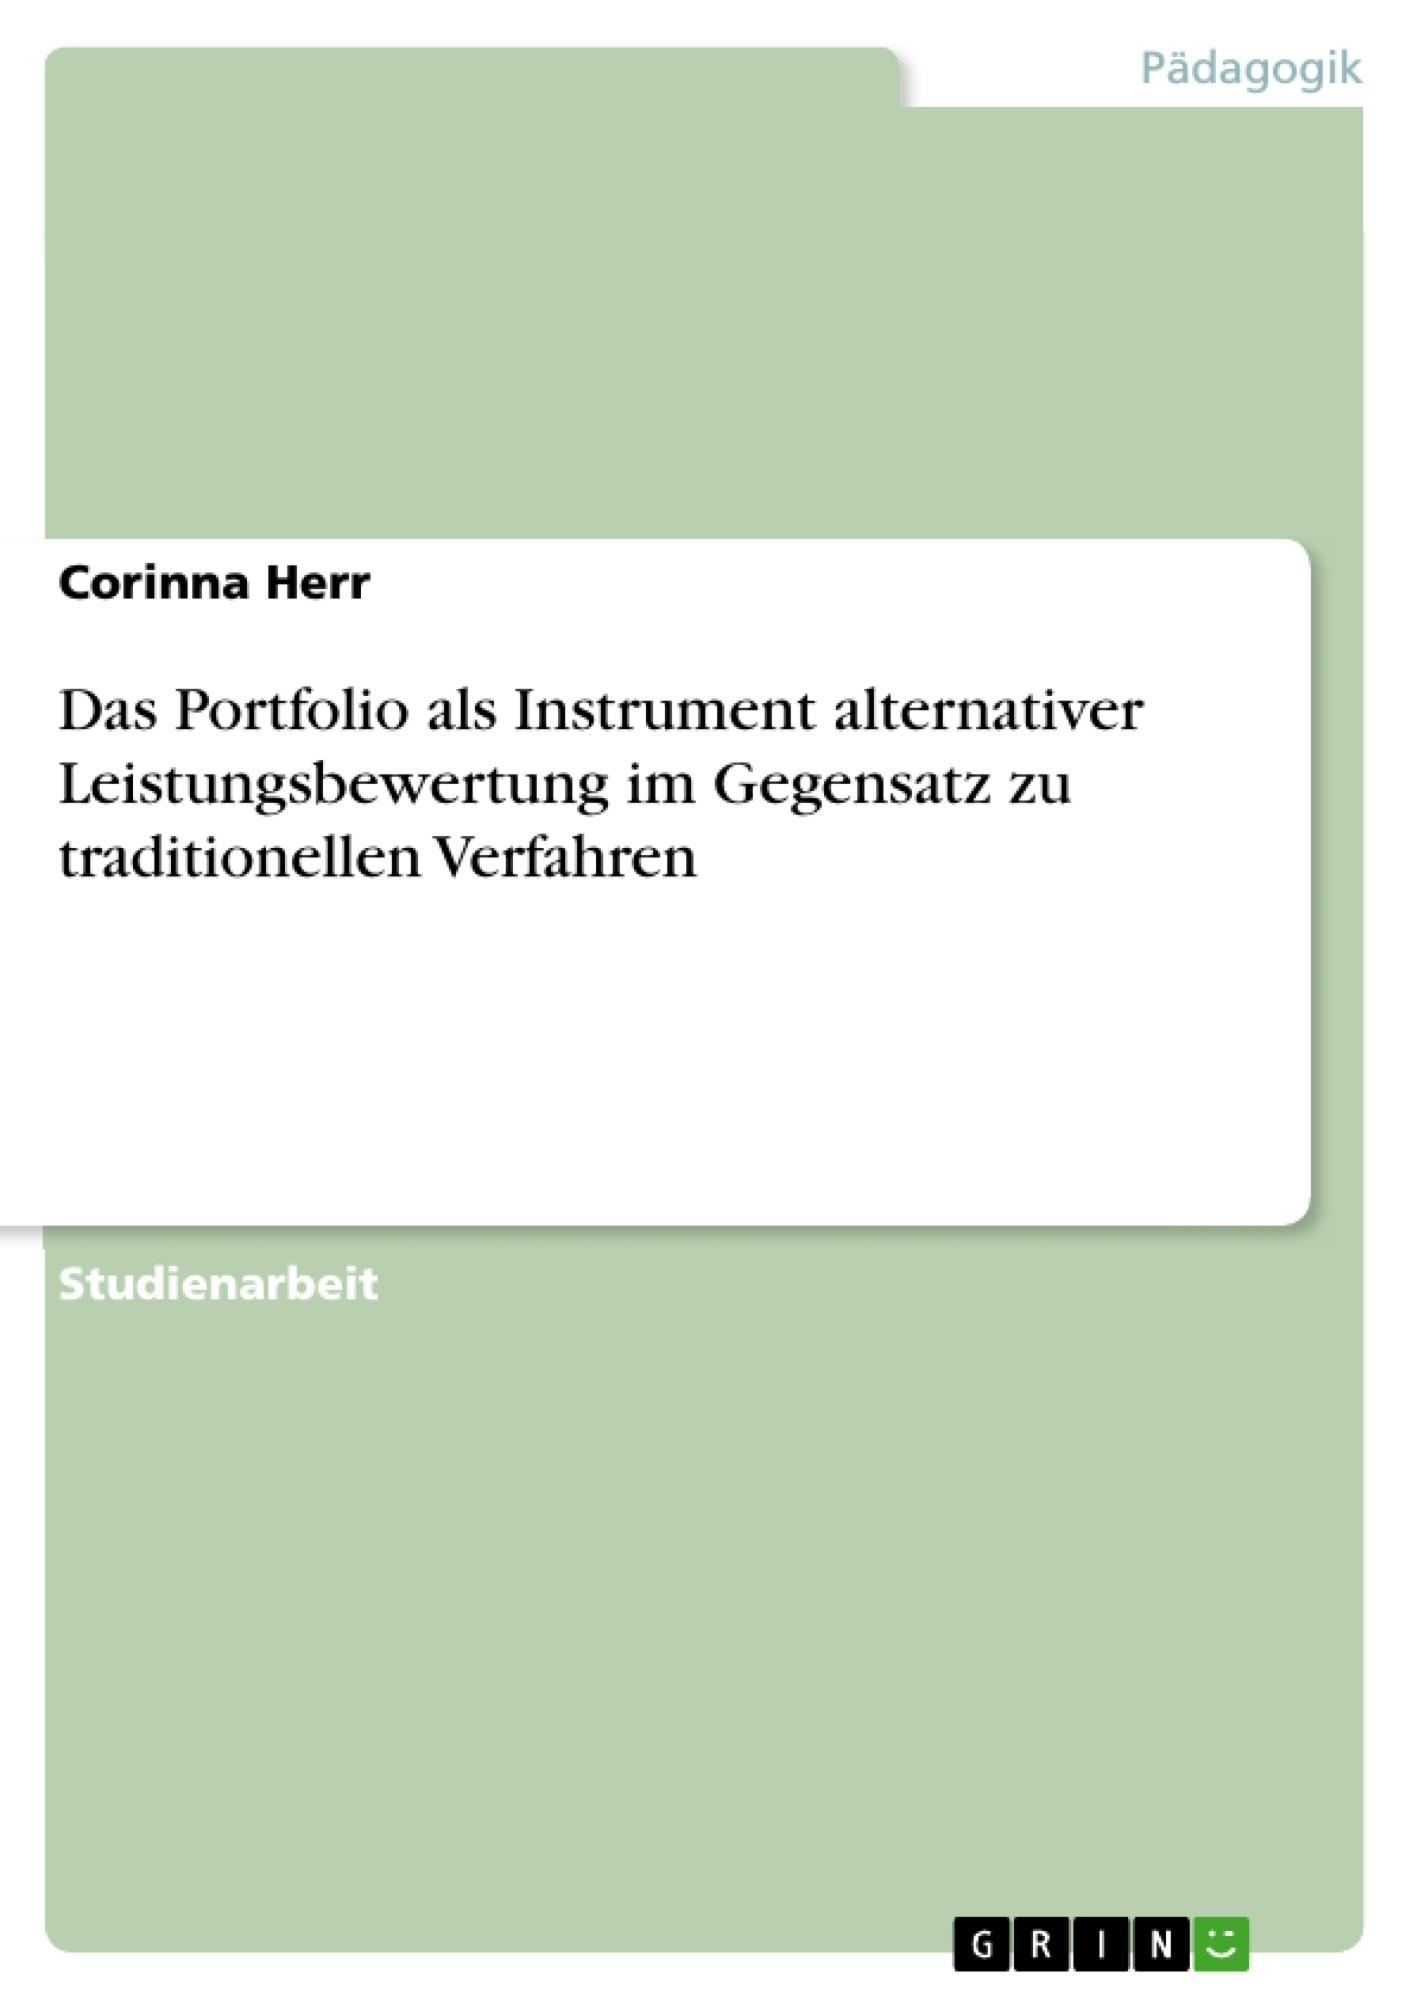 Titel: Das Portfolio als Instrument alternativer Leistungsbewertung im Gegensatz zu traditionellen Verfahren